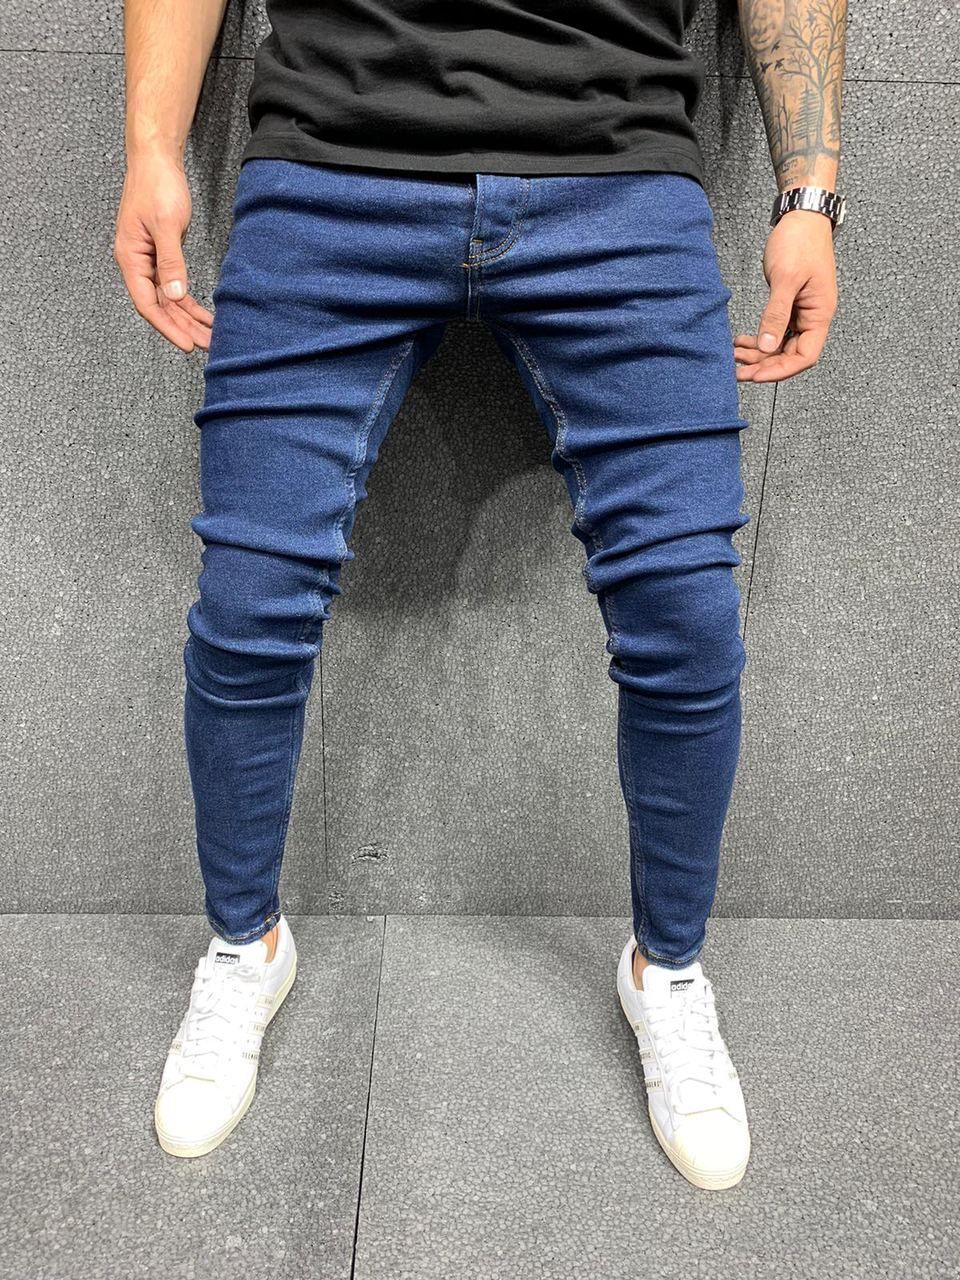 мужские джинсы синие узкачи